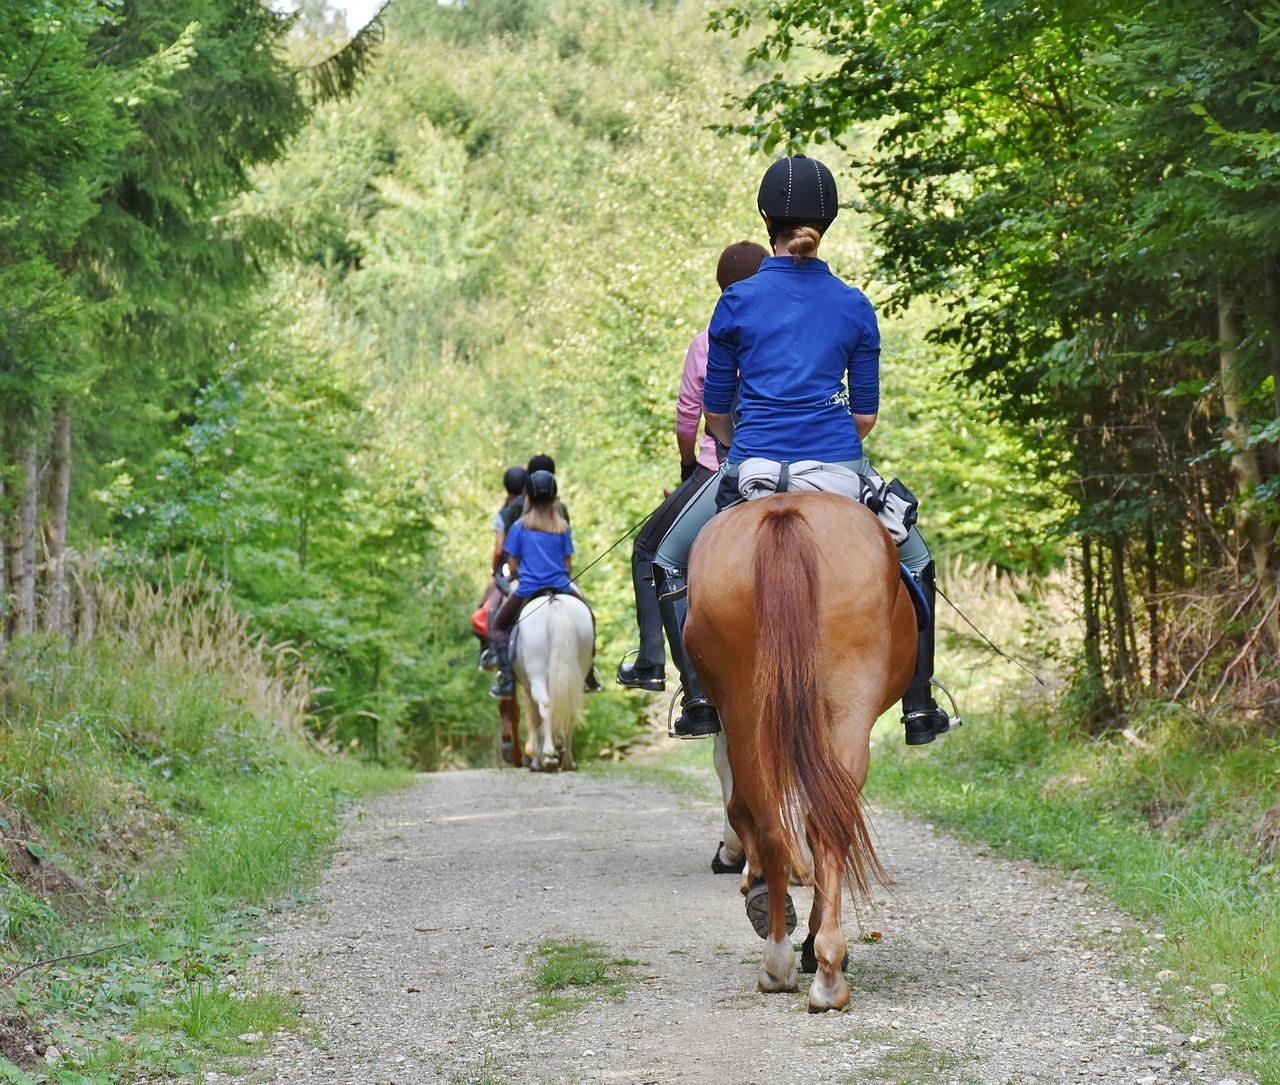 Balade à cheval dans le parc du Vexin dans le Val-d'Oise